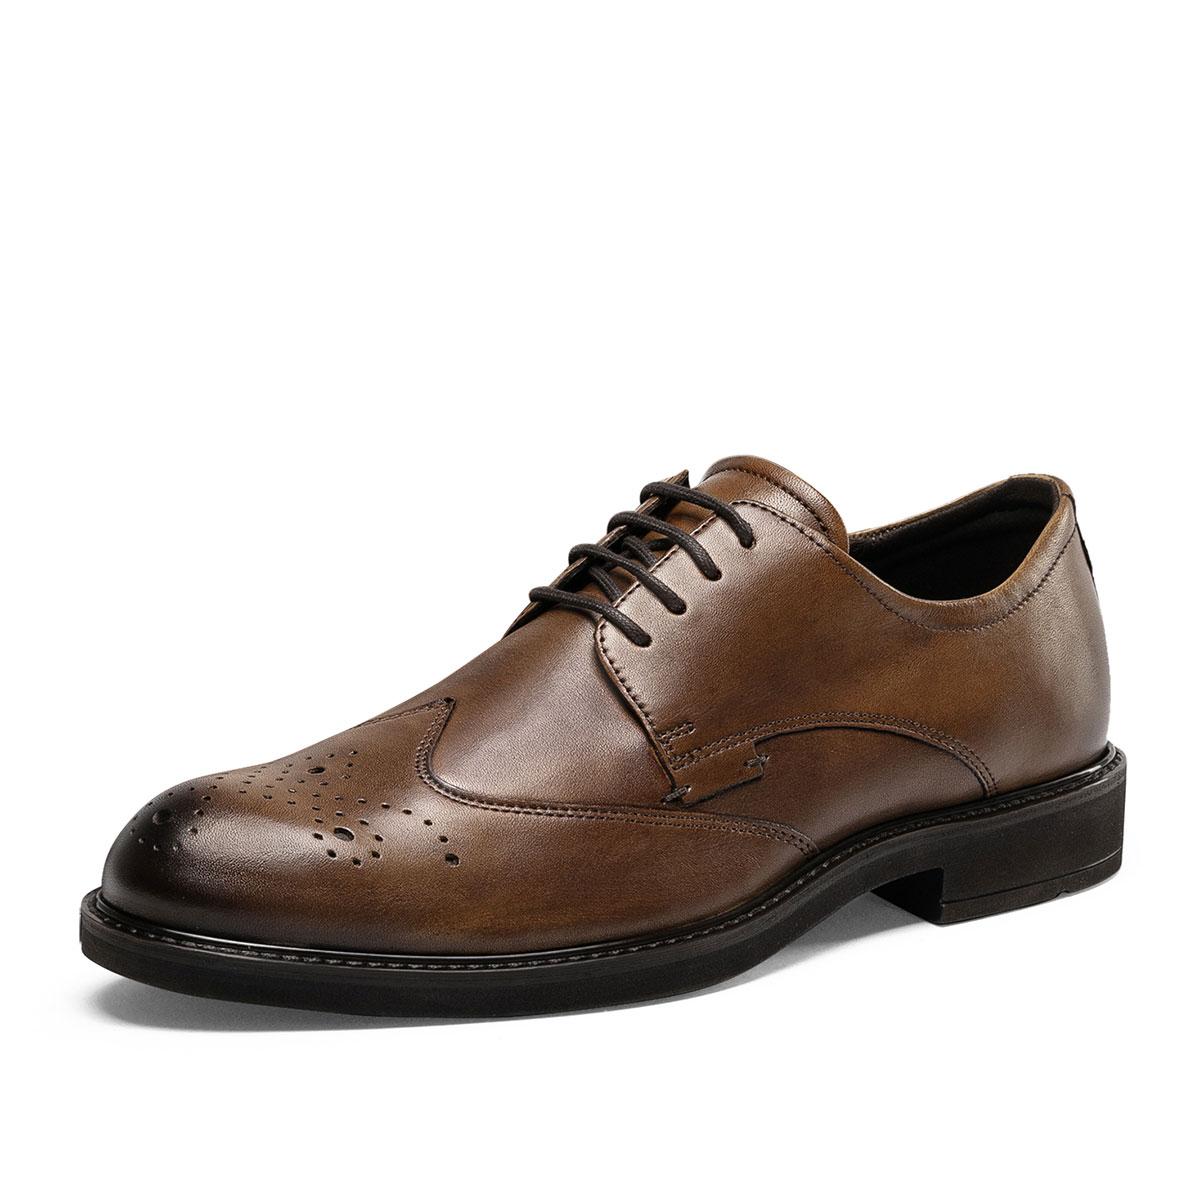 商务正装皮鞋 秋季透气德比鞋休闲鞋男640524 琥珀色 42